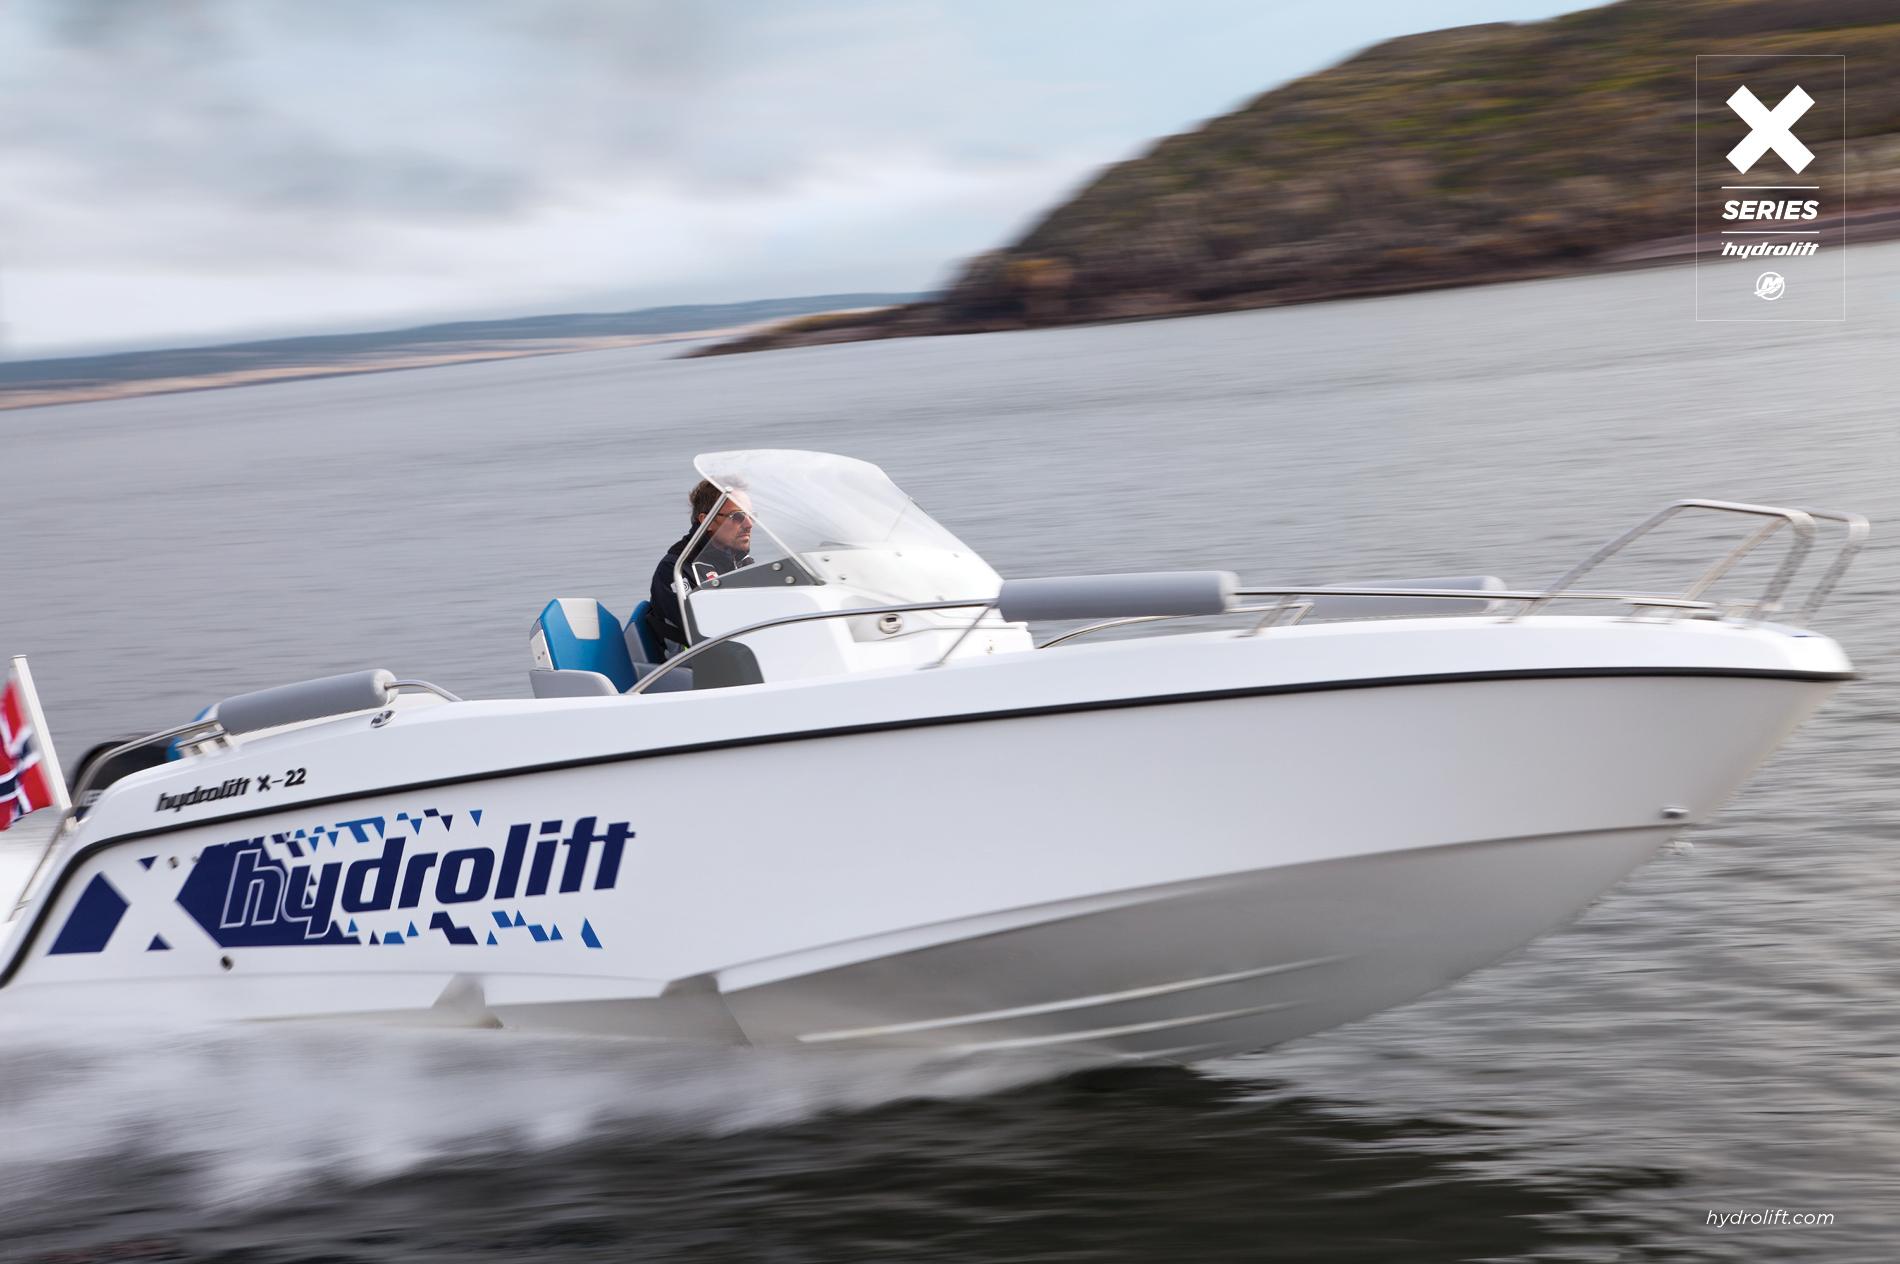 Hydrolift X22